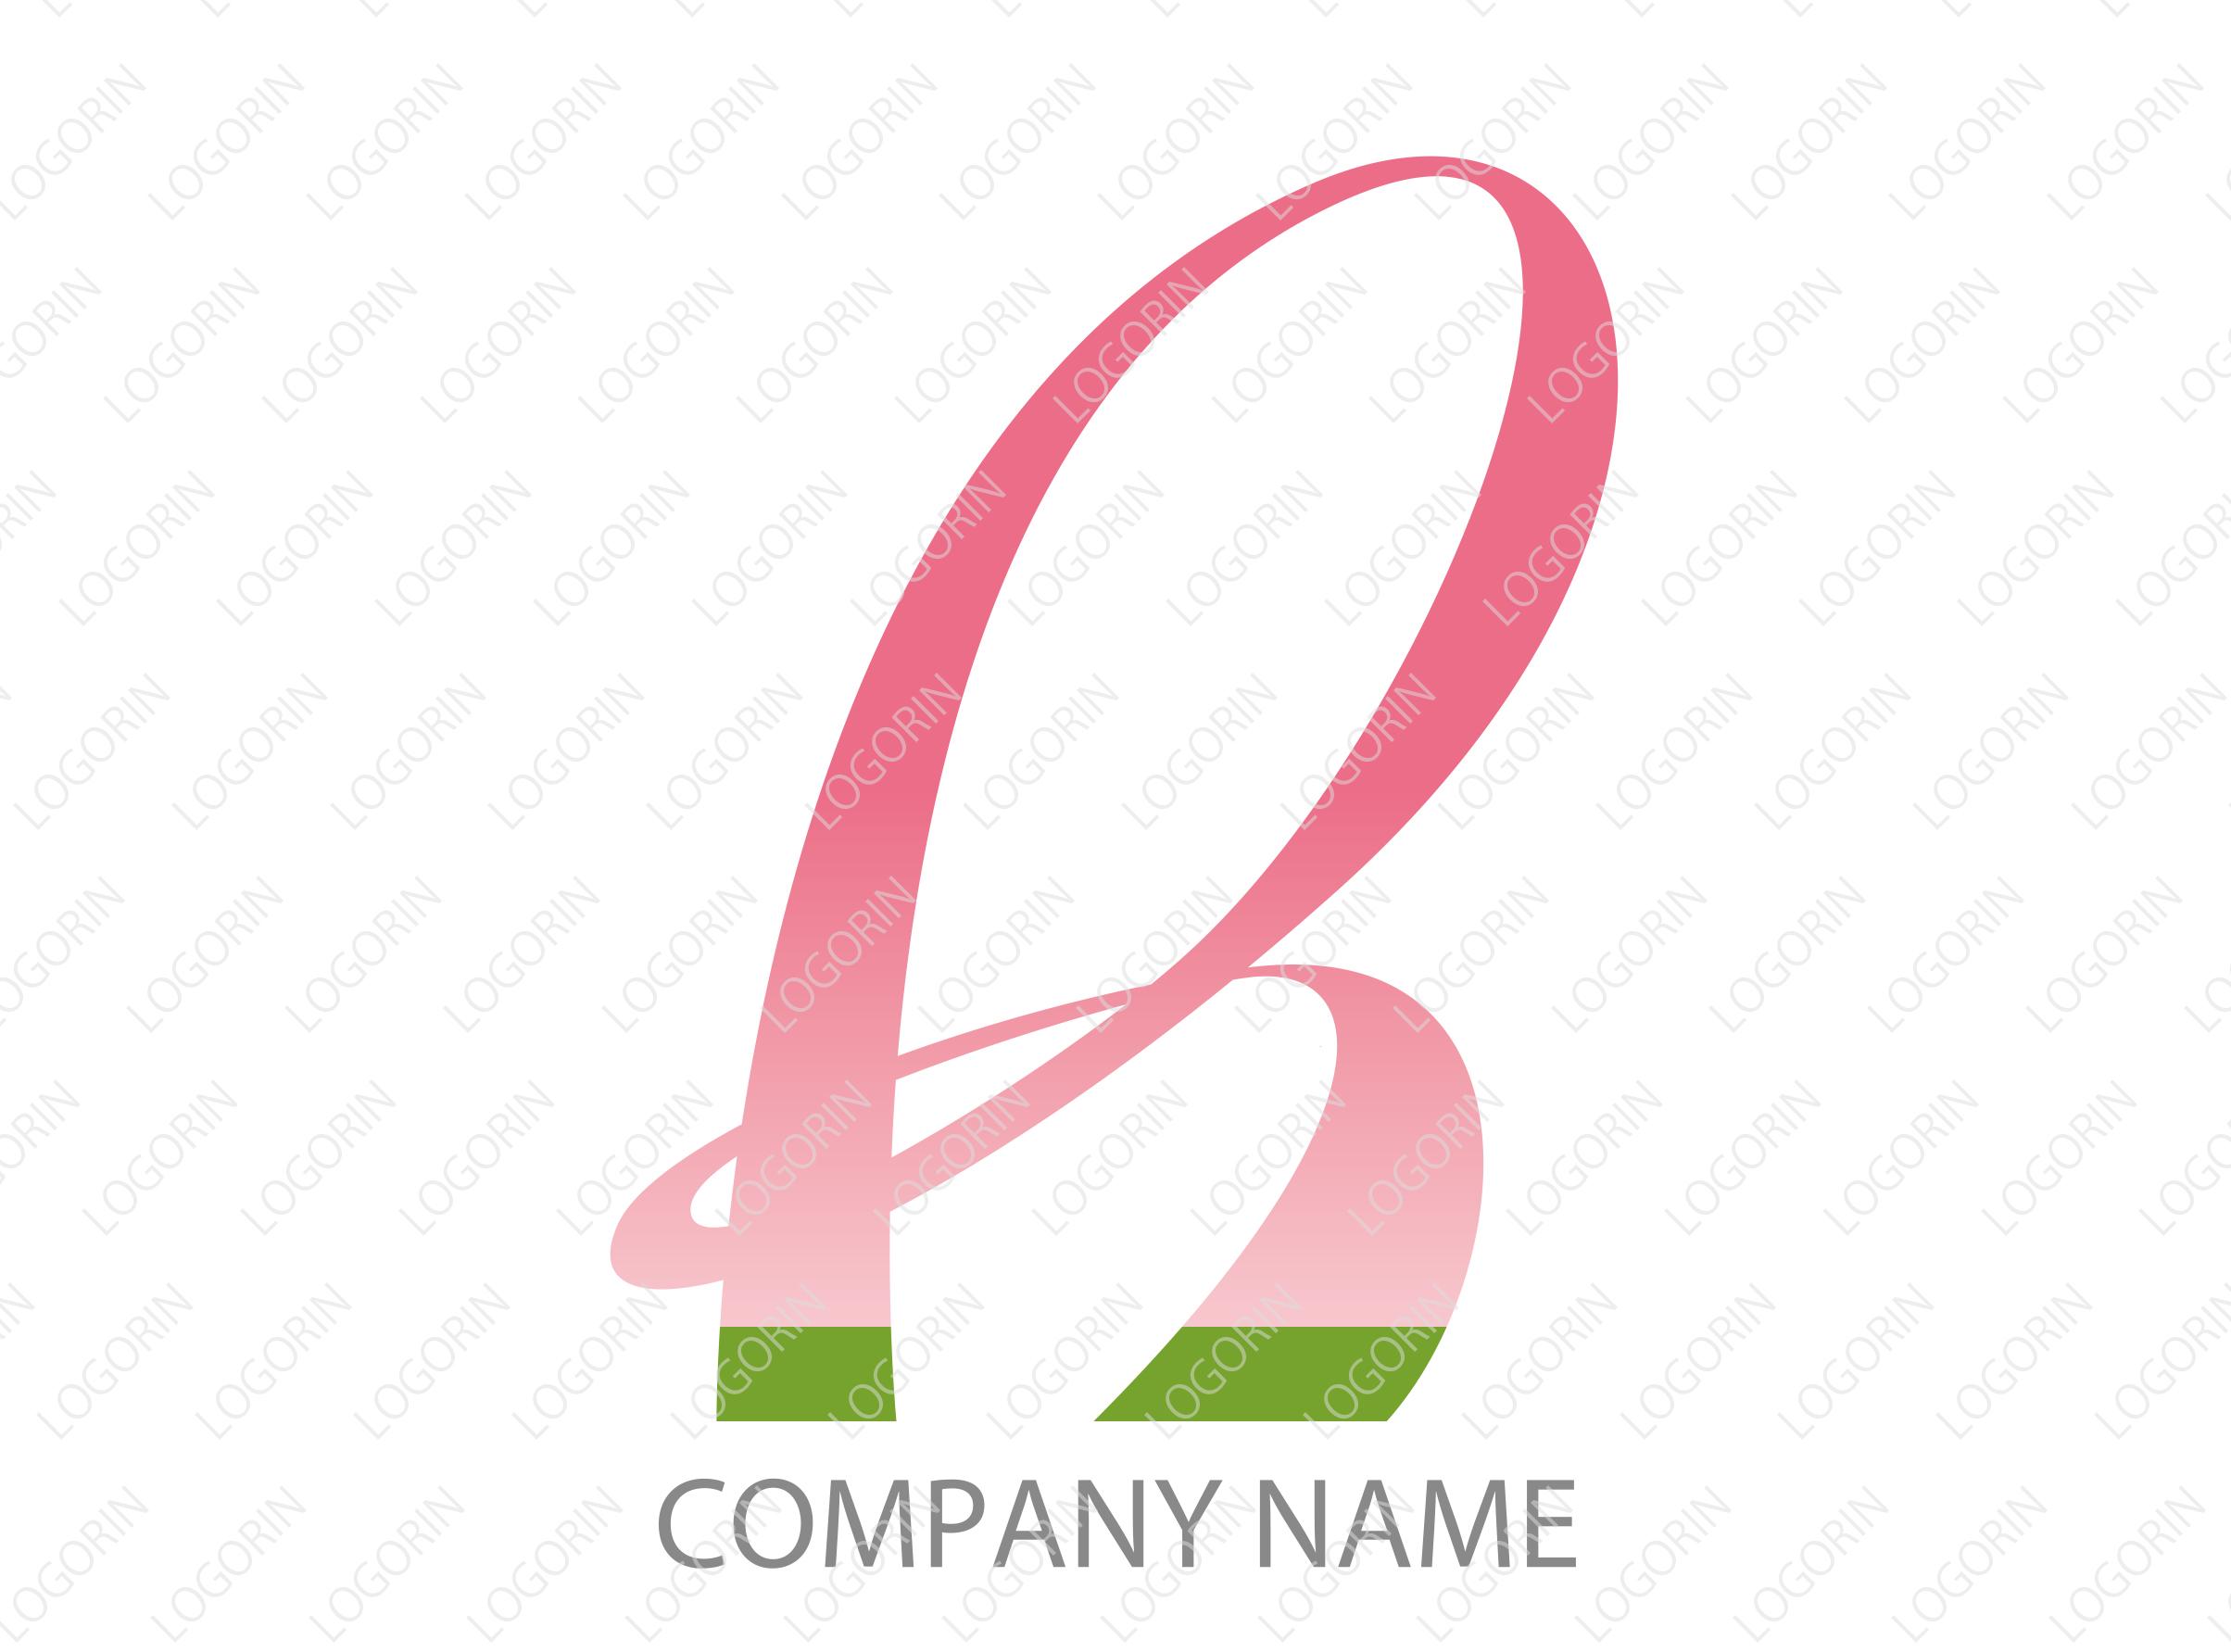 「令和」の頭文字を使ったロゴ